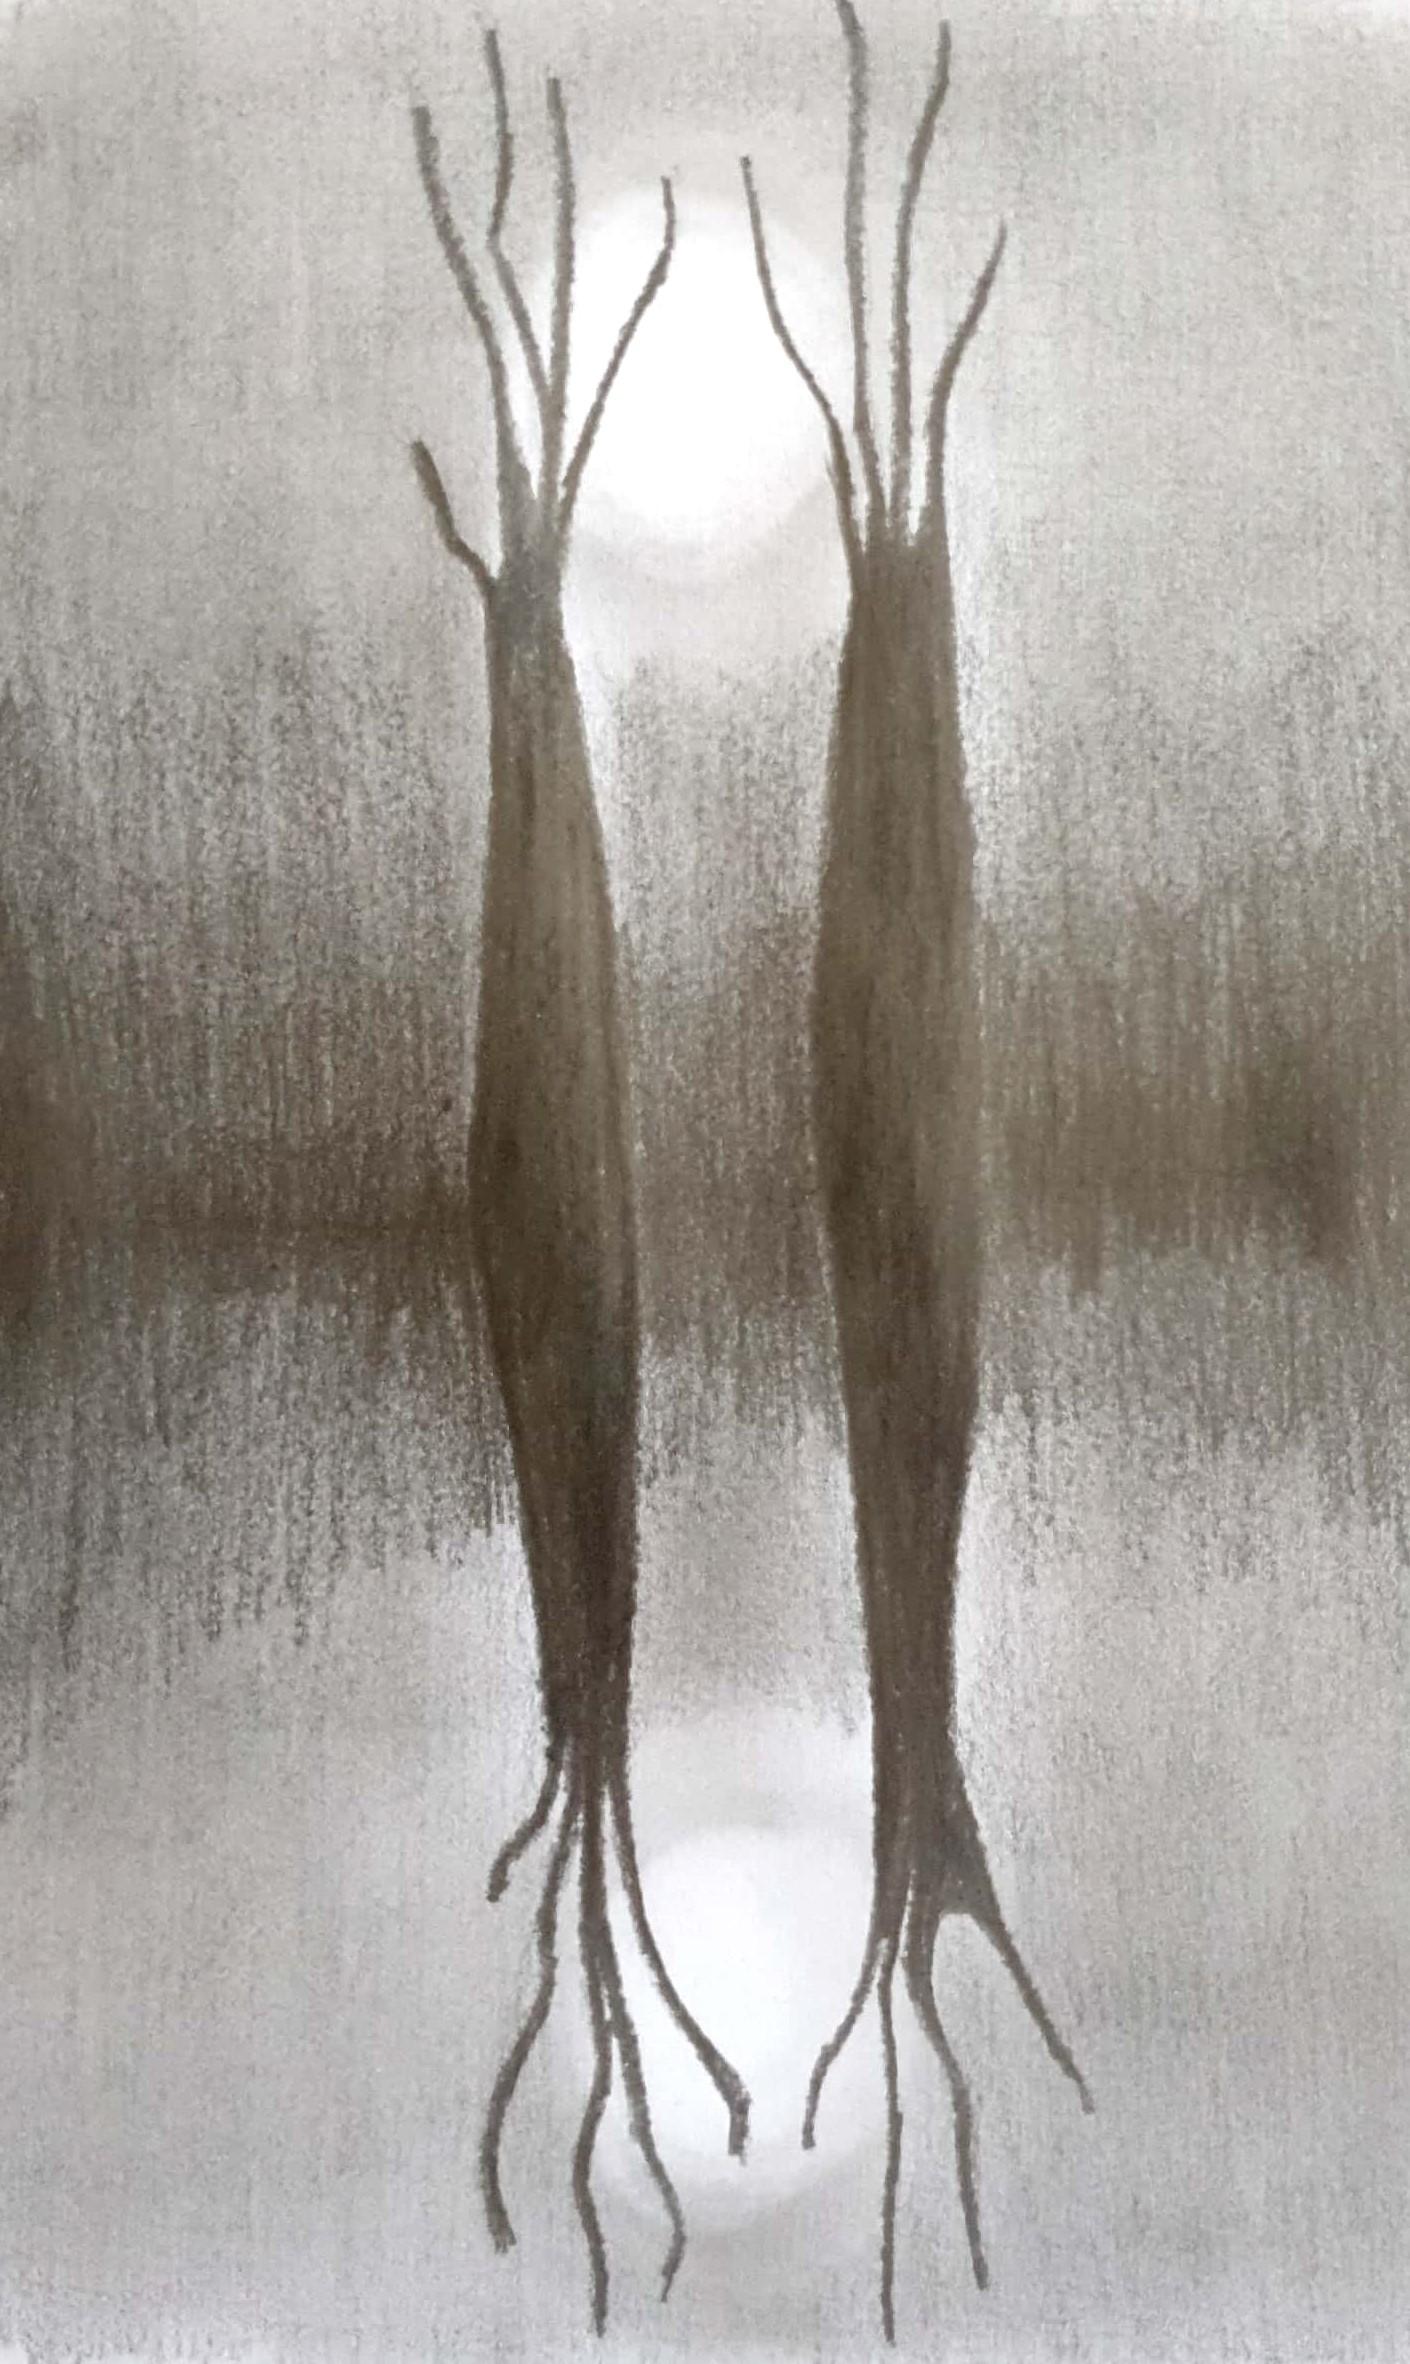 הספר הרומנטי של סתו by bar sharon - Ourboox.com